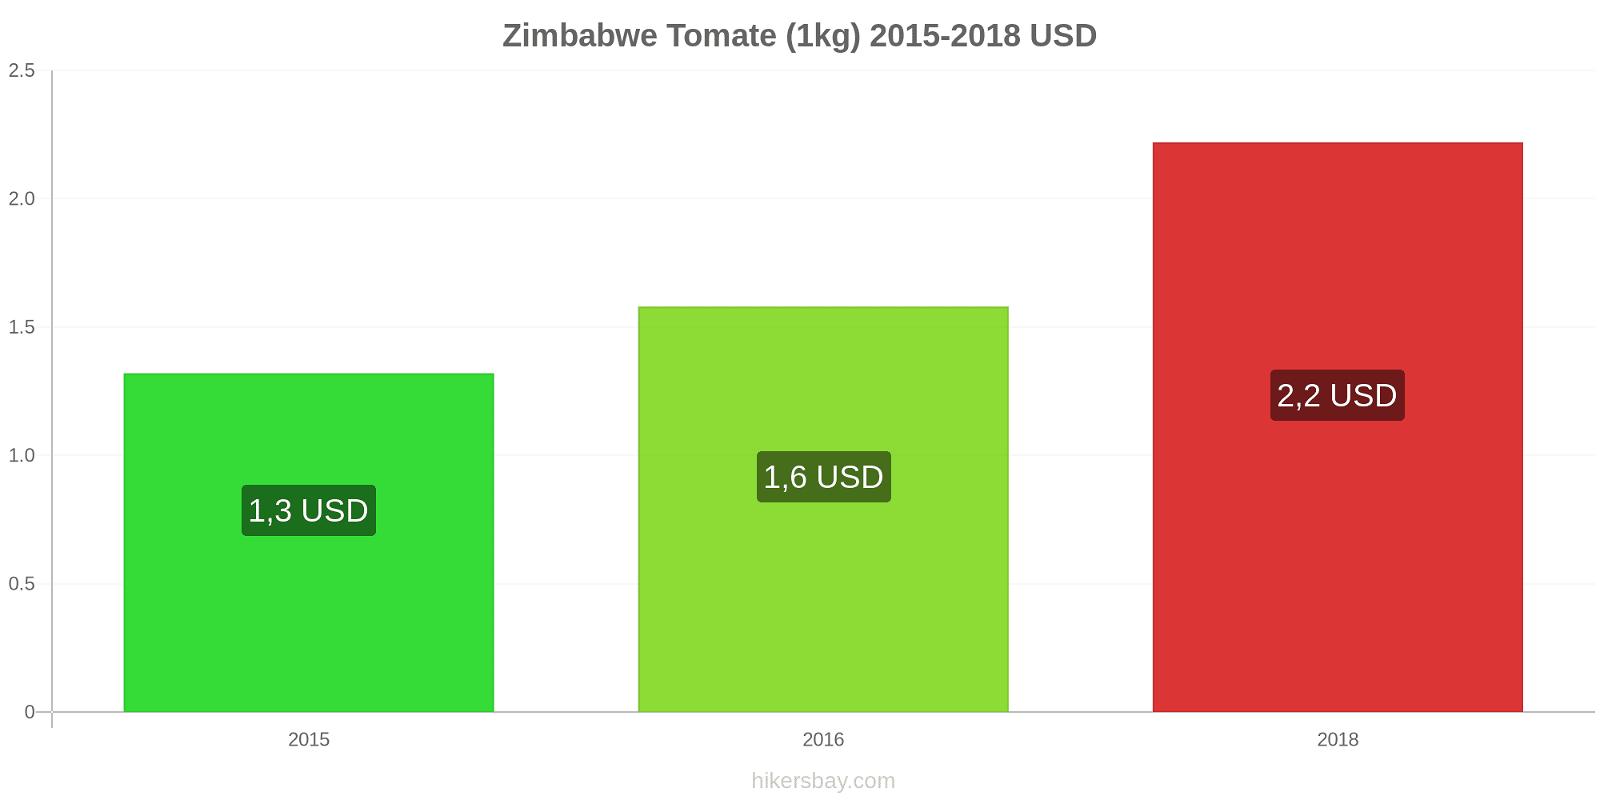 Zimbabwe modificări de preț Tomate (1kg) hikersbay.com